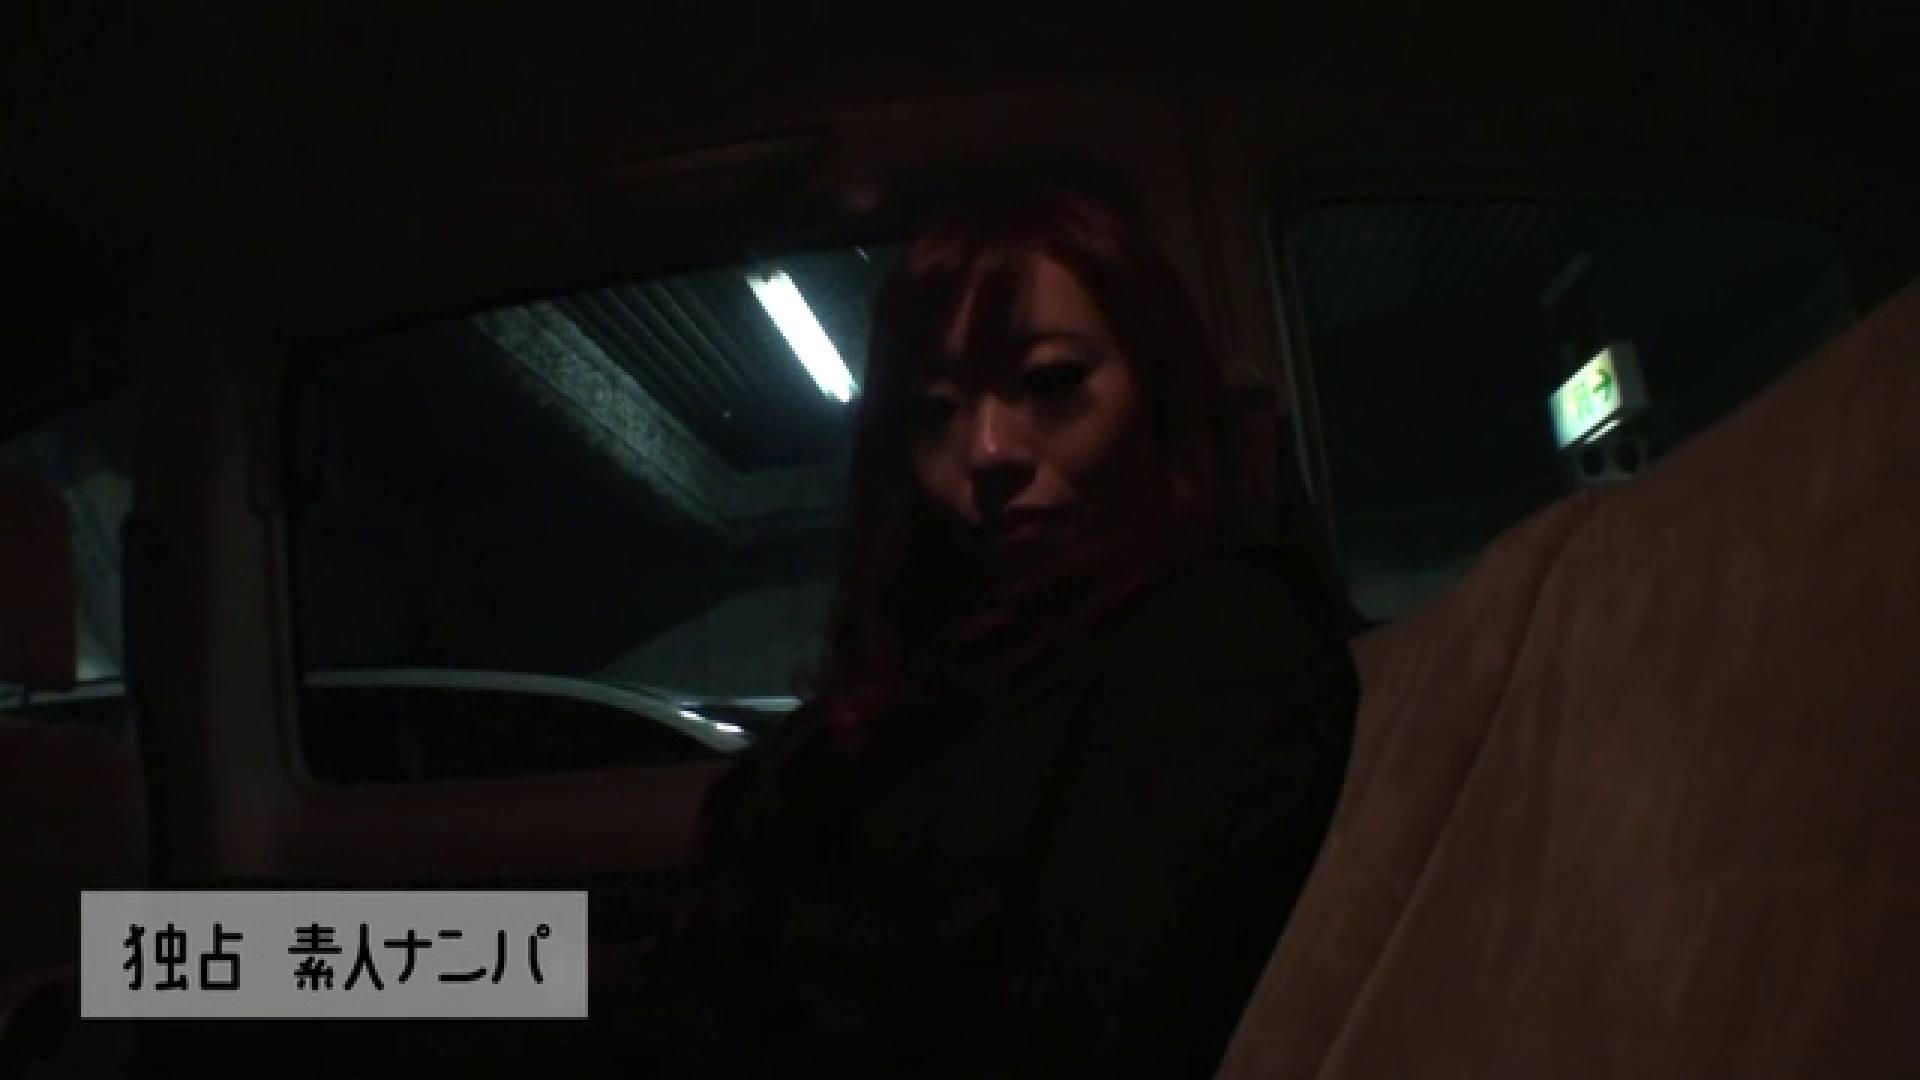 独占入手!!ヤラセ無し本物素人ナンパ 仕事帰りのOL編 企画 オメコ動画キャプチャ 90連発 27